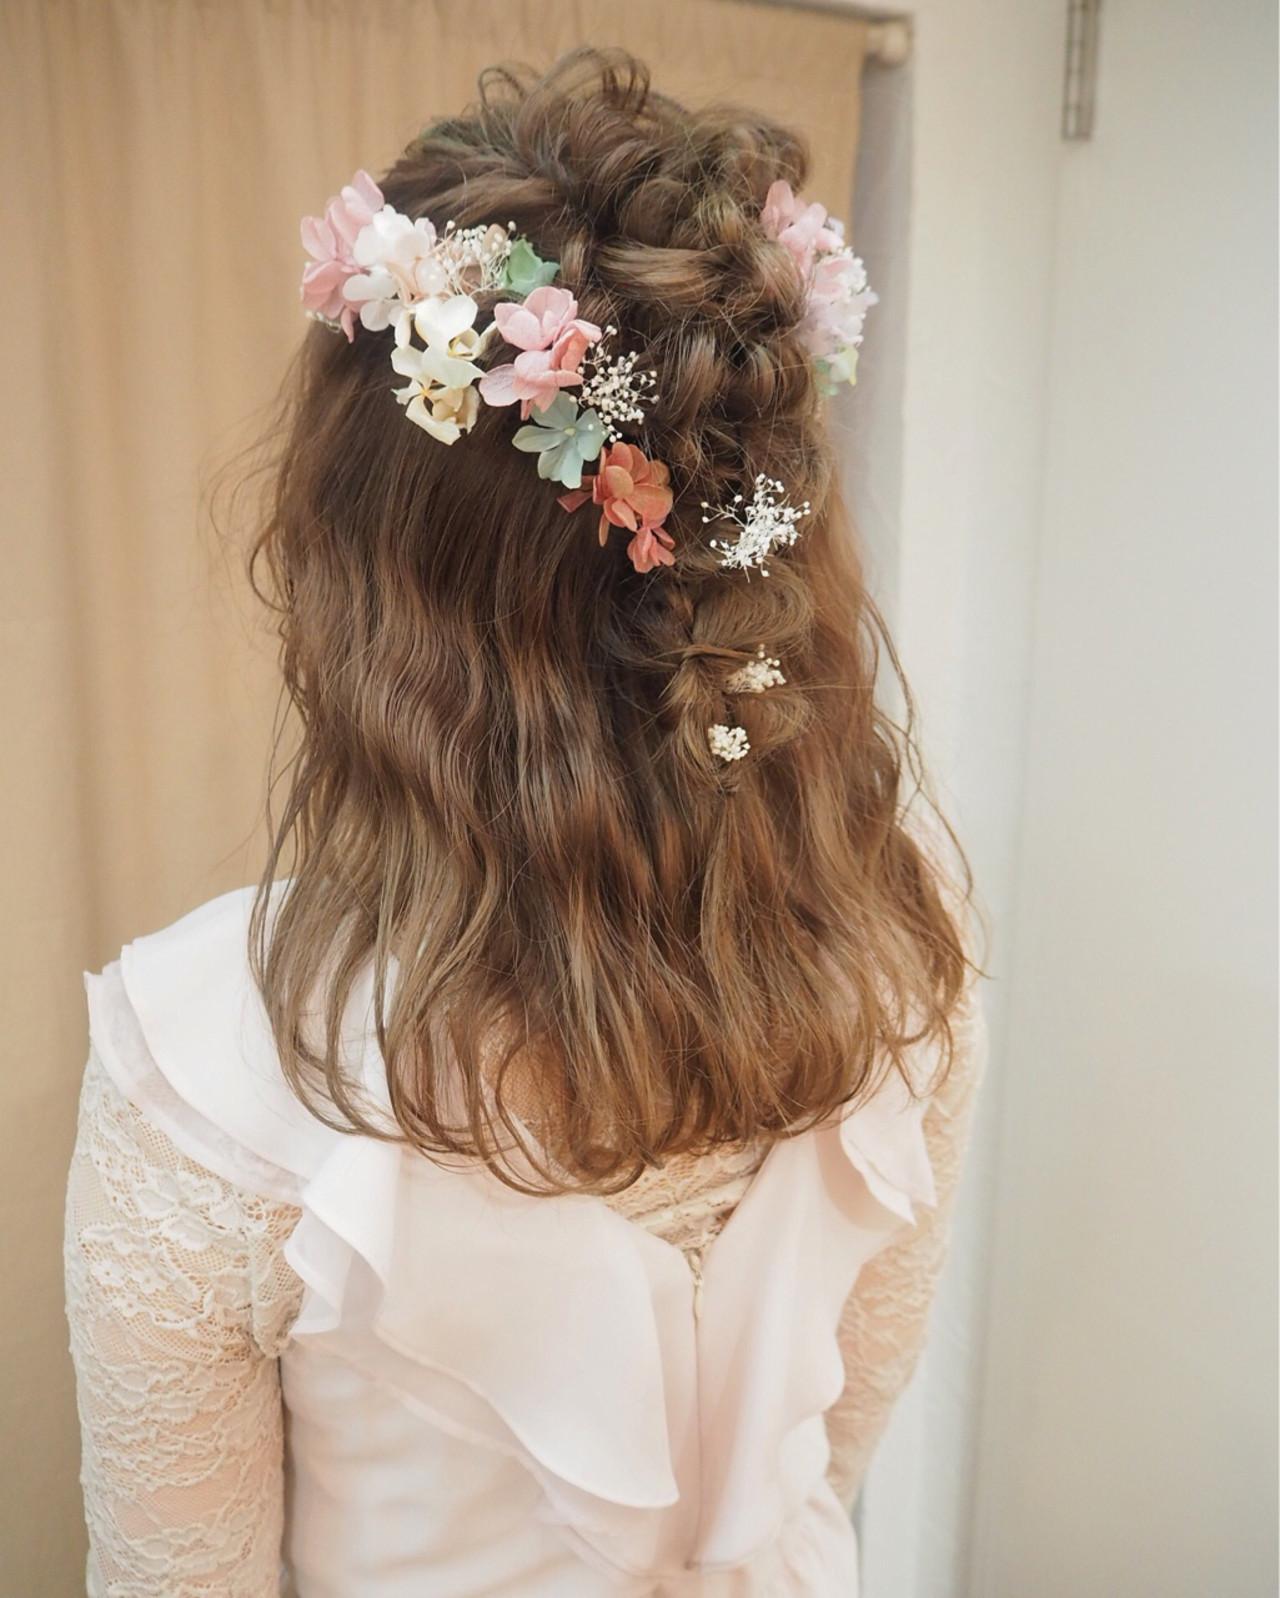 《花嫁アレンジ特集》結婚式の主役はあなた♡ステキな髪型を選ぼう!の14枚目の画像